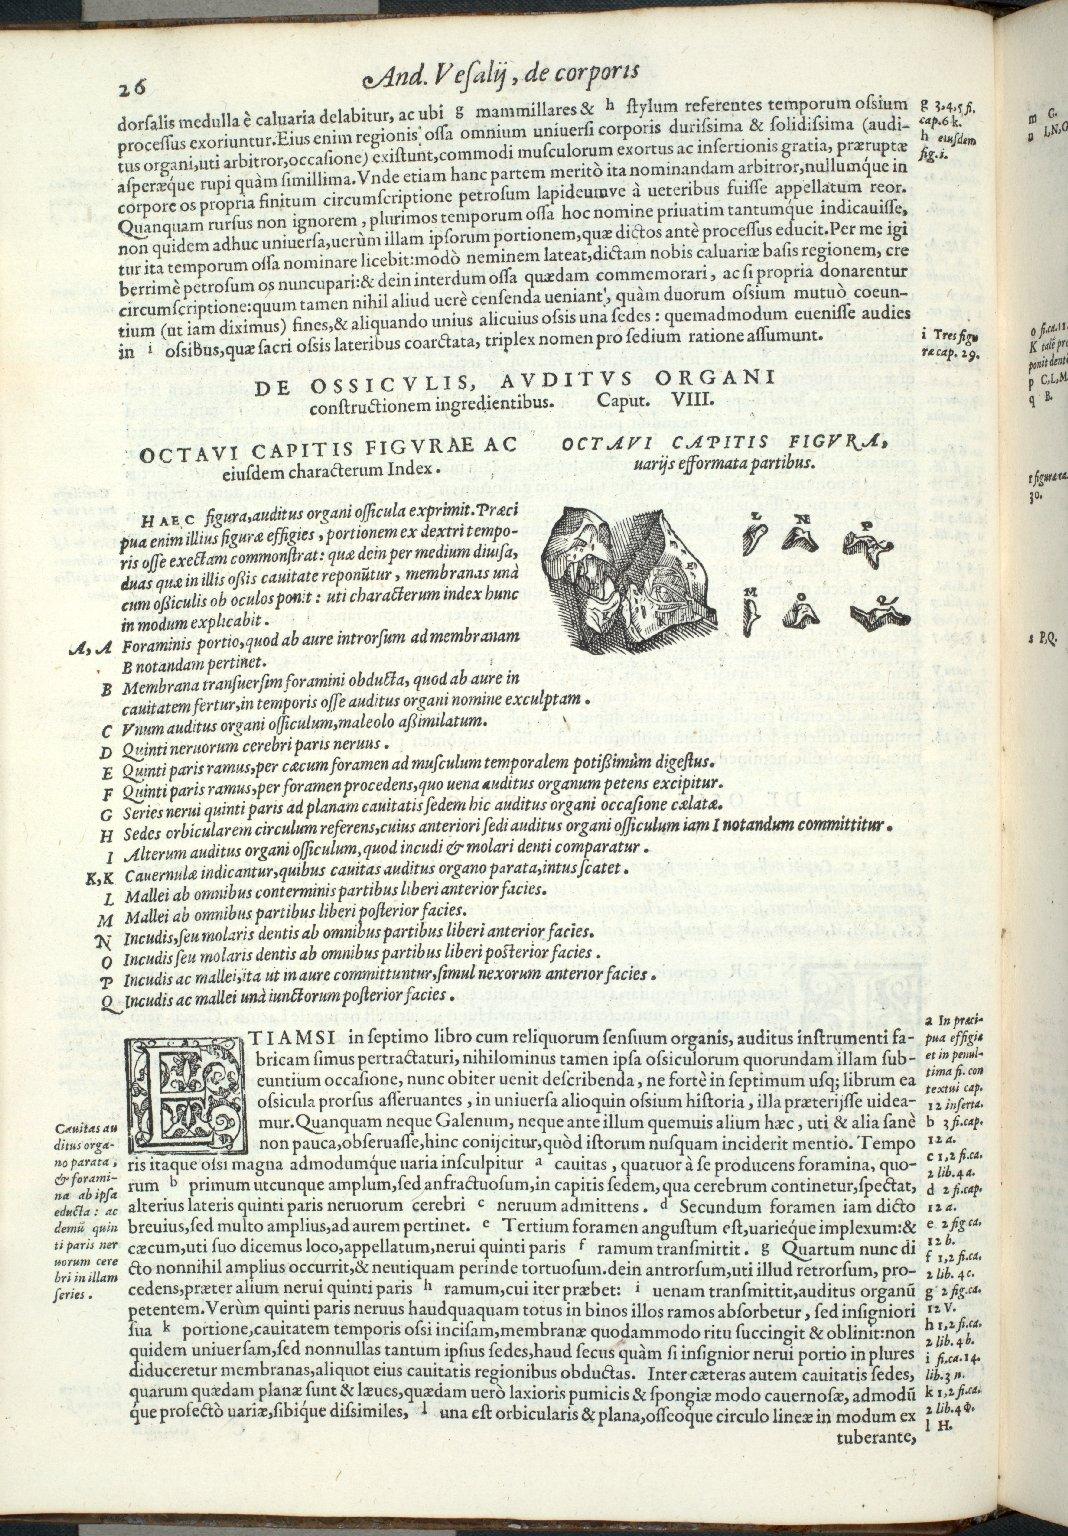 De Ossiculis, Auditus Organi constructionem ingredientibus. Caput VIII.